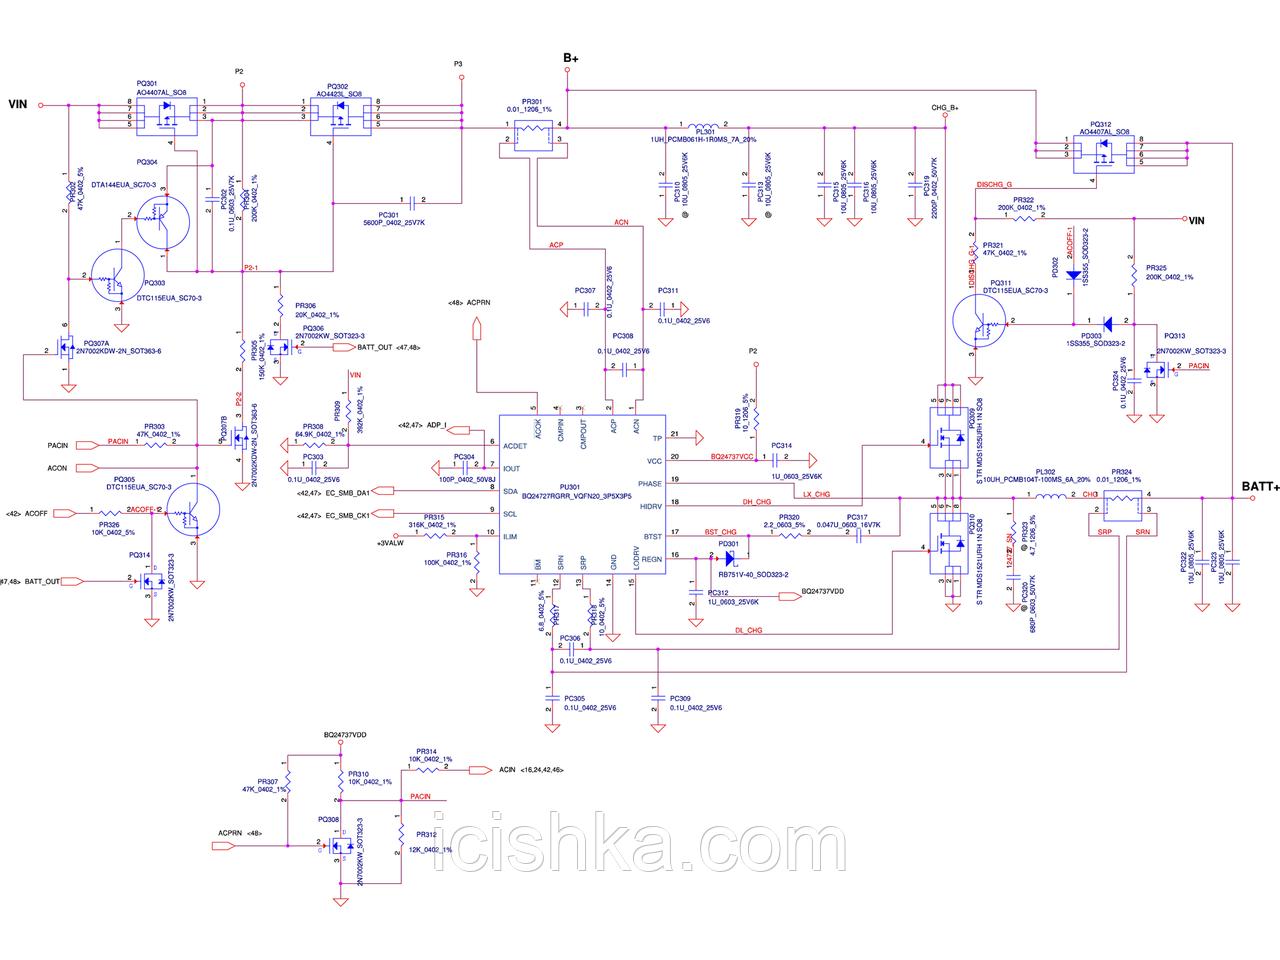 Bedienungsanleitung Archos 50d Neon (Seite 1 von